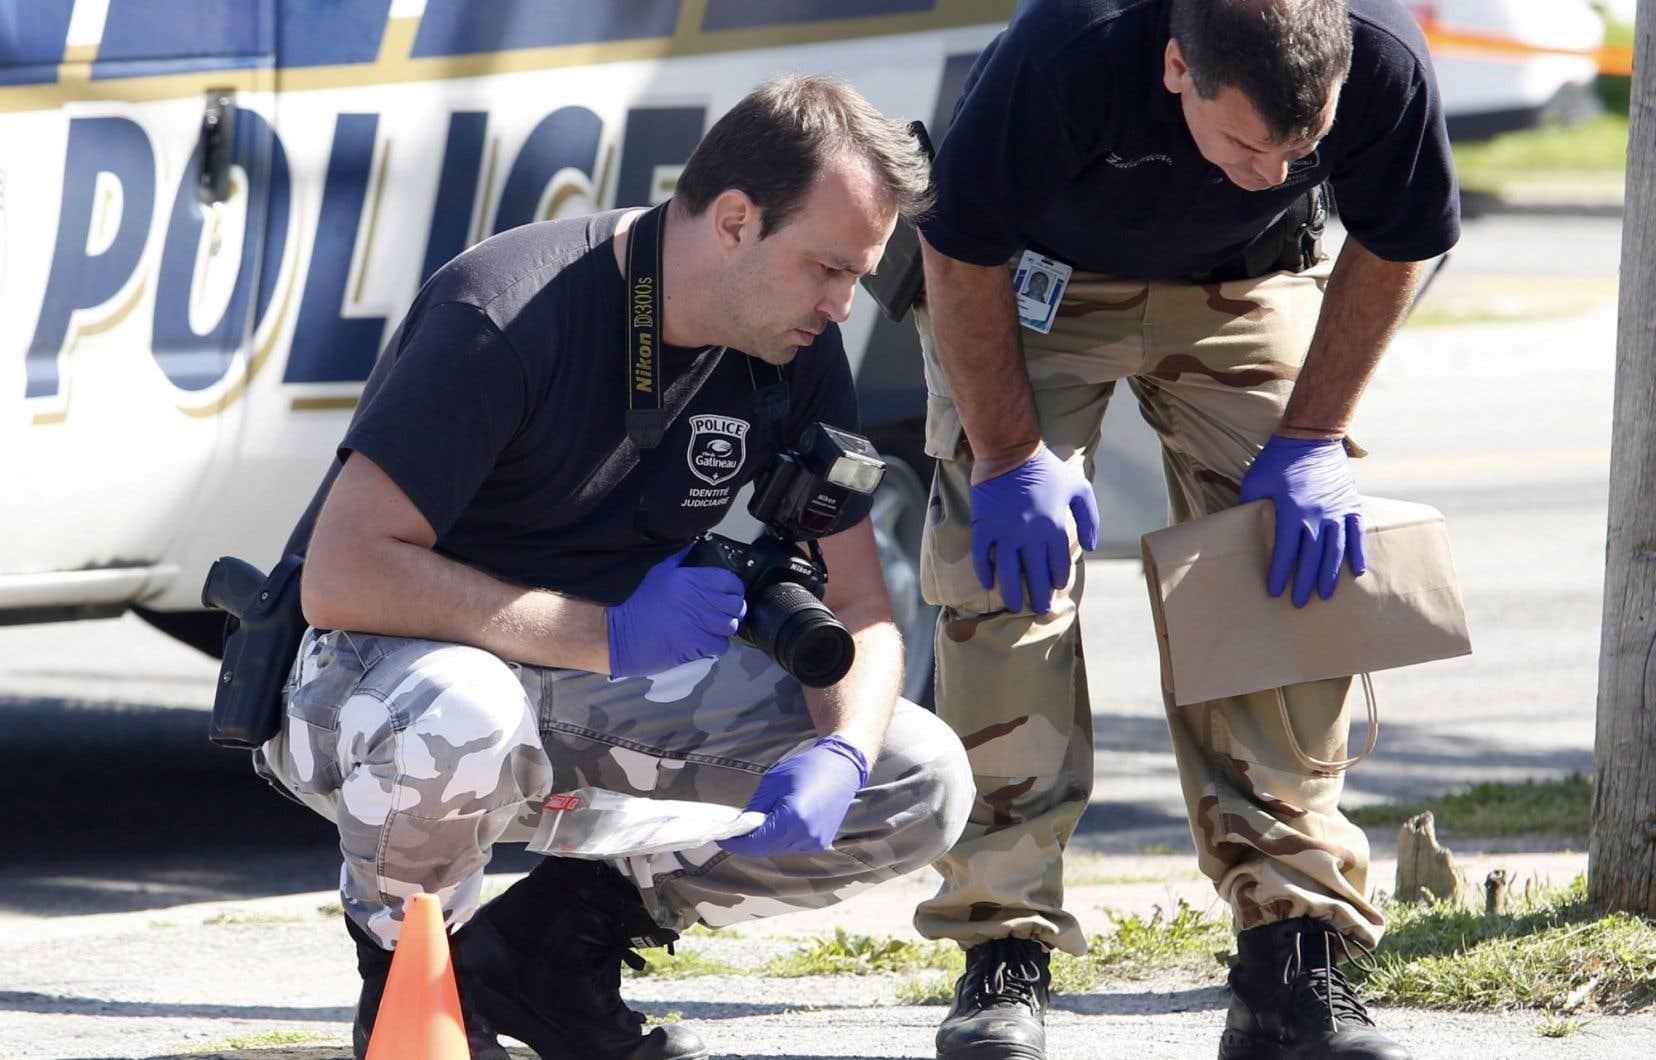 Des policiers examinant une scène où s'est déroulée une fusillade, le 28 août dernier